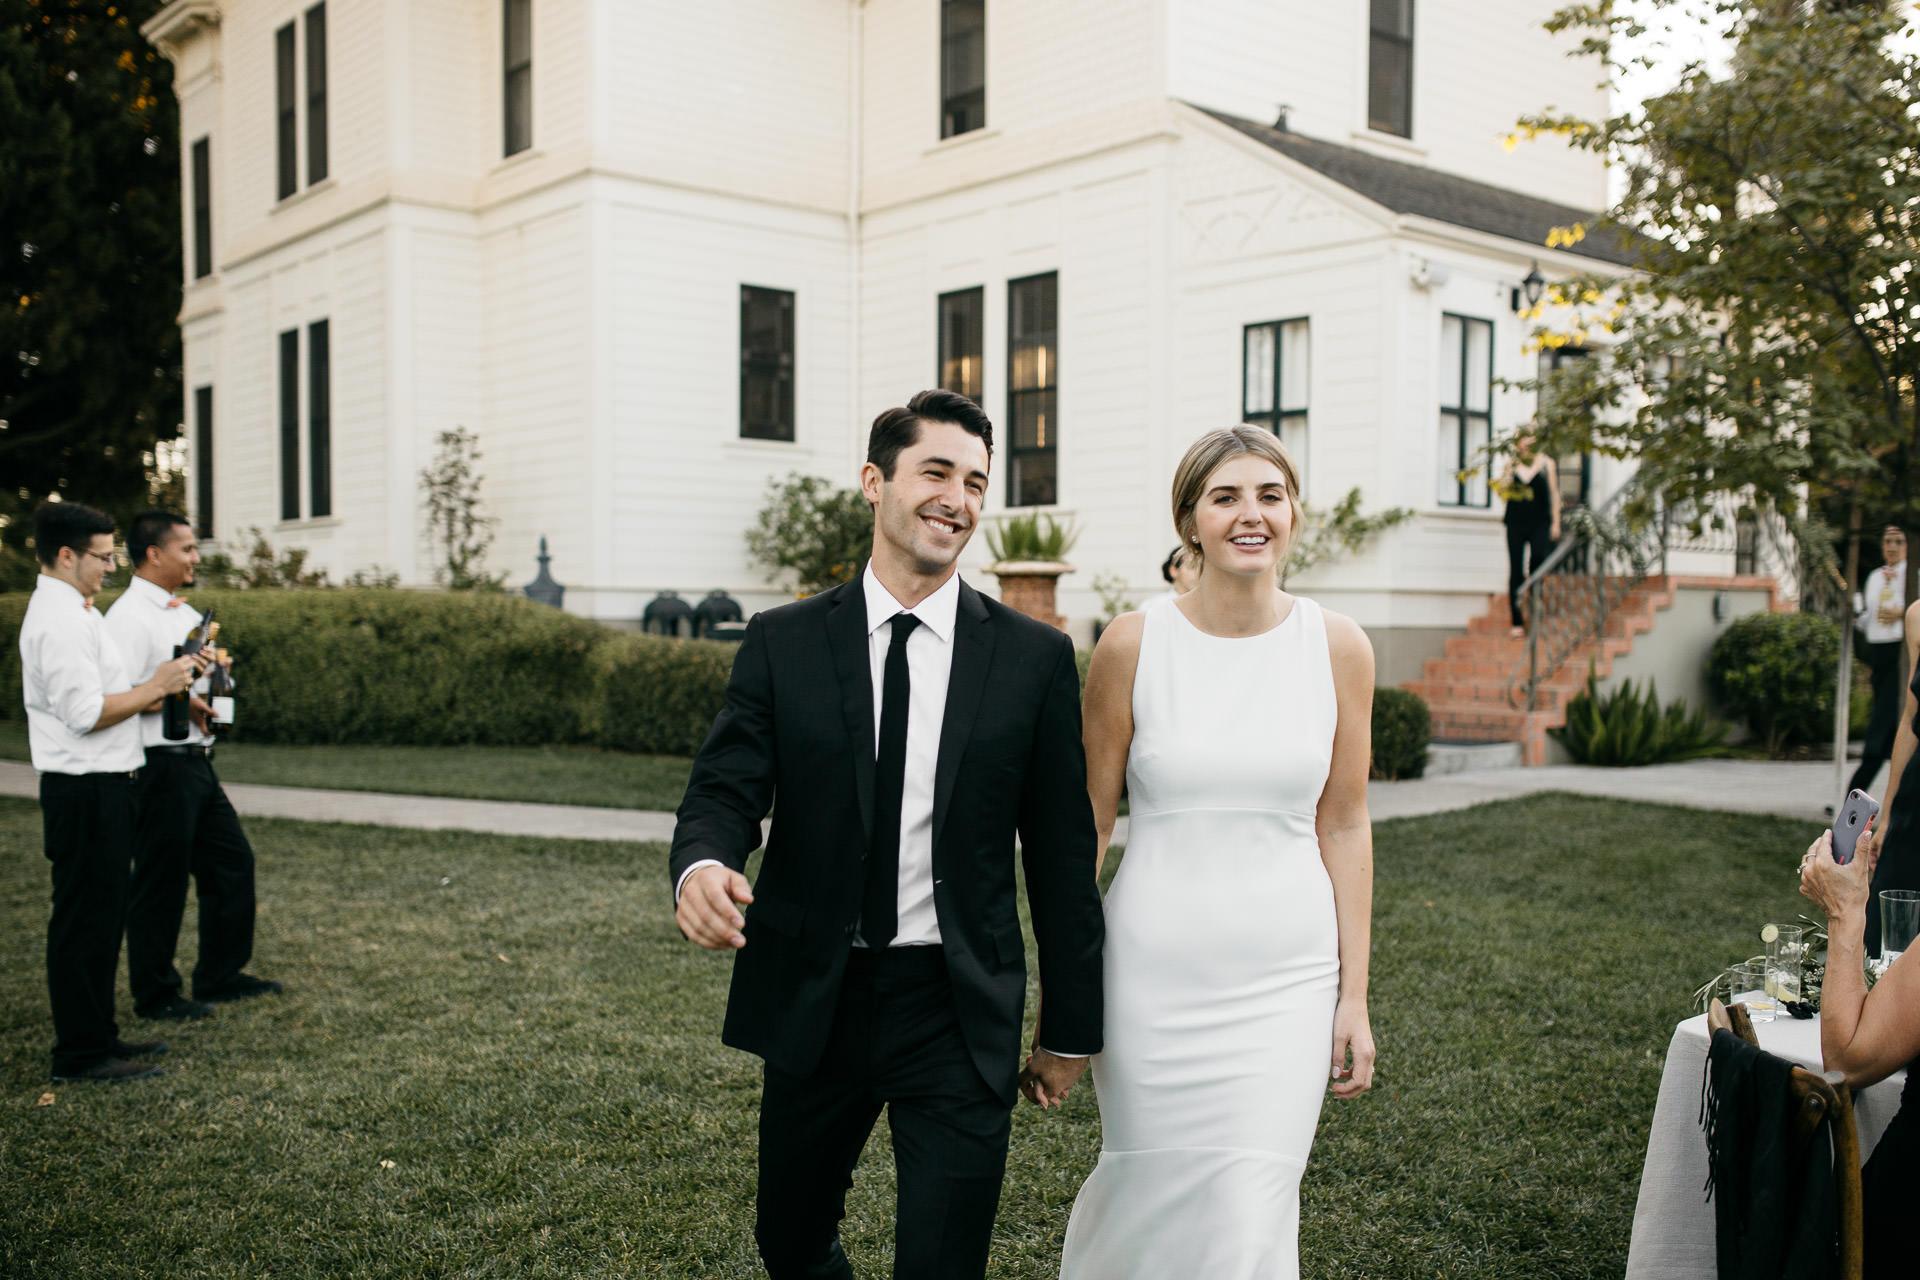 lauren_graham_wedding_california_park_winters_jeanlaurentgaudy_072